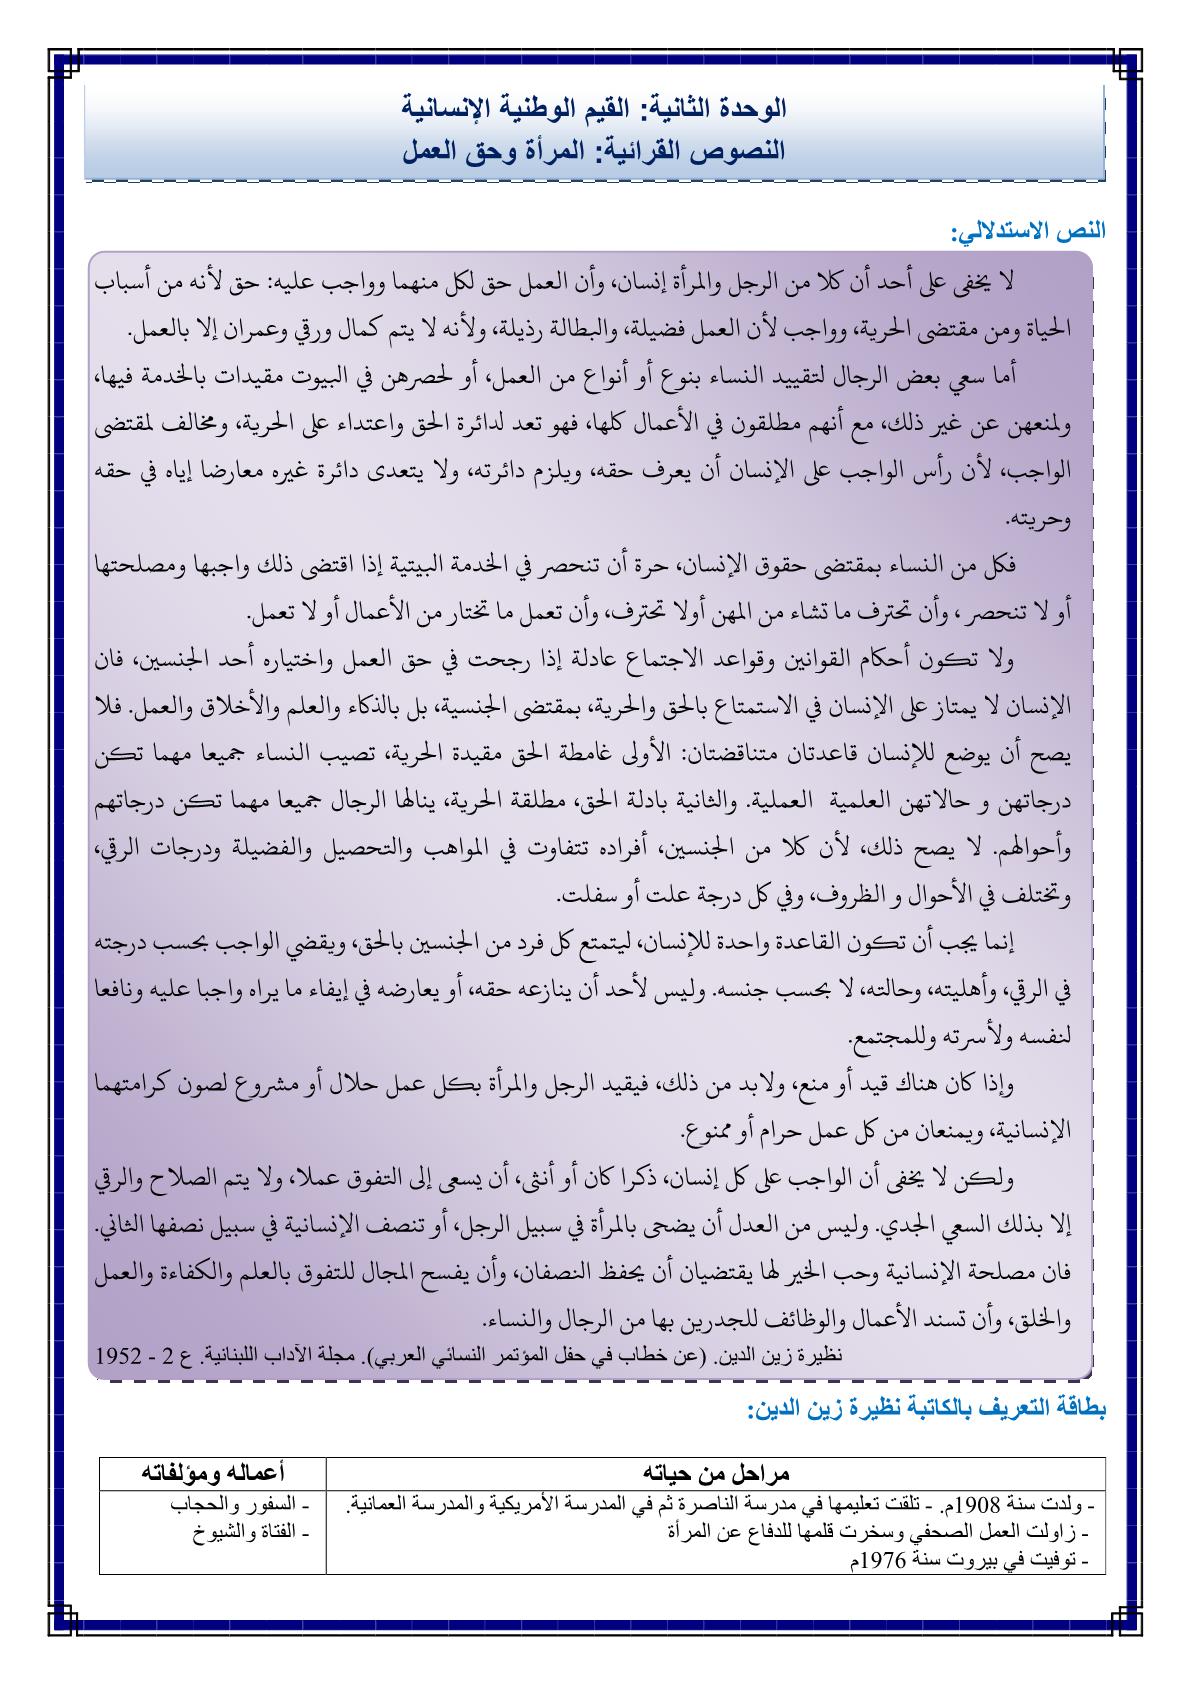 درس المرأة وحق العمل مكون النصوص القرائية بمادة اللغة العربية للسنة الثانية اعدادي